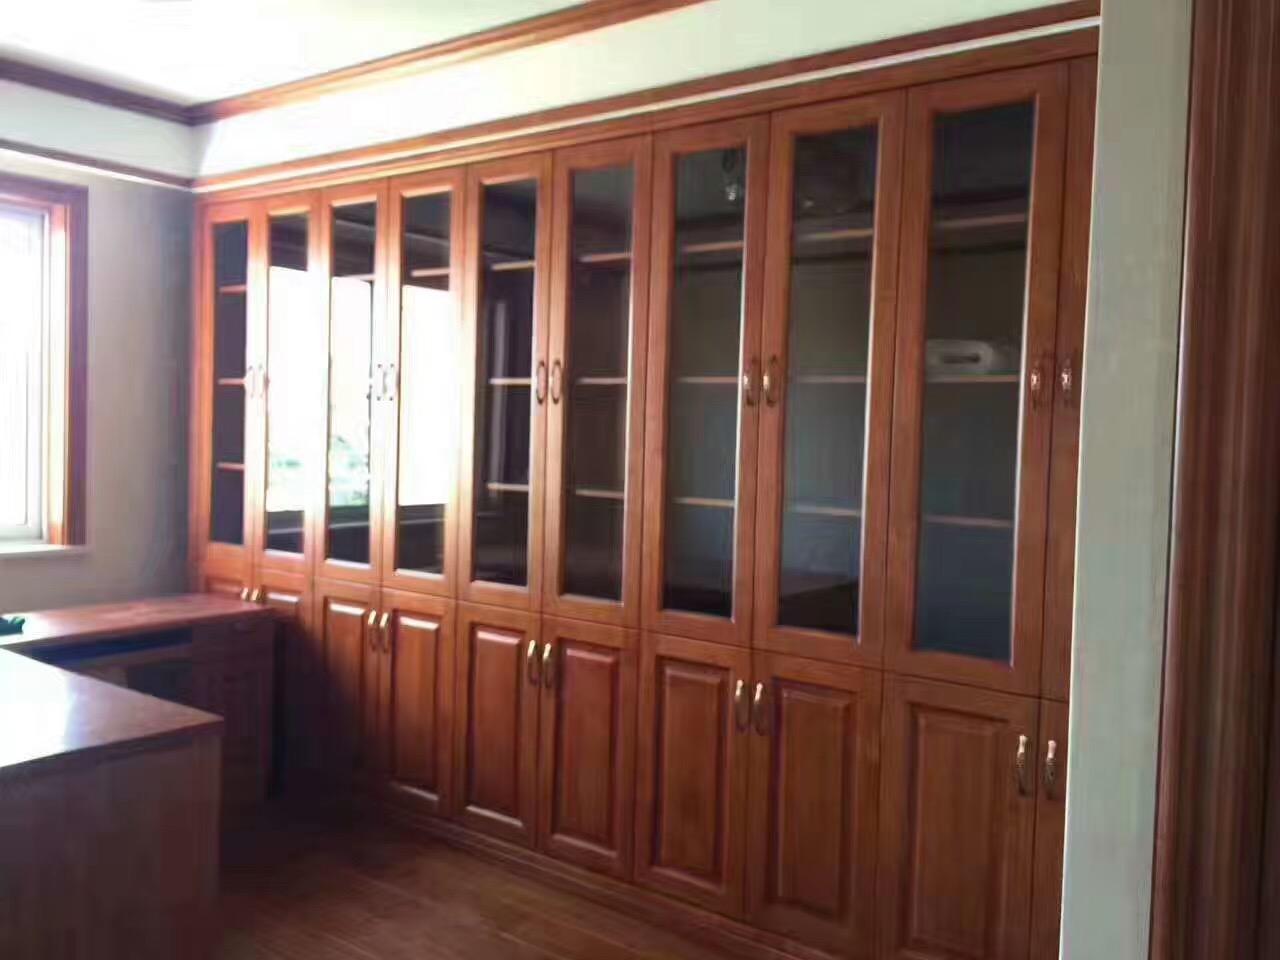 中式设计 中式装修 日升装饰 家具定制 书房图片来自装修设计芳芳在第四军医大木作的分享